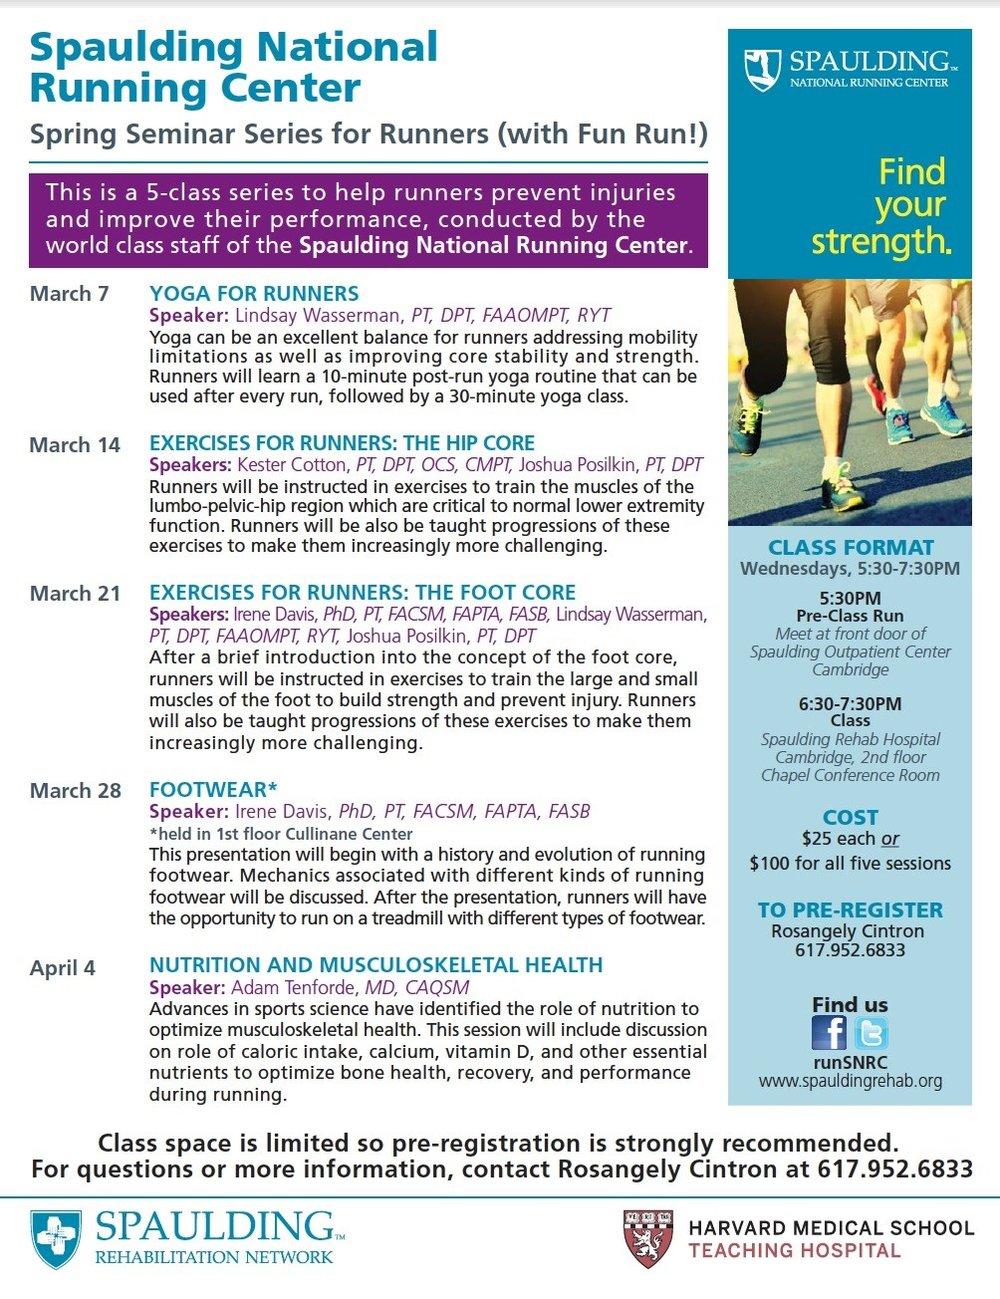 SNRC_Running_Seminar_Document.jpg